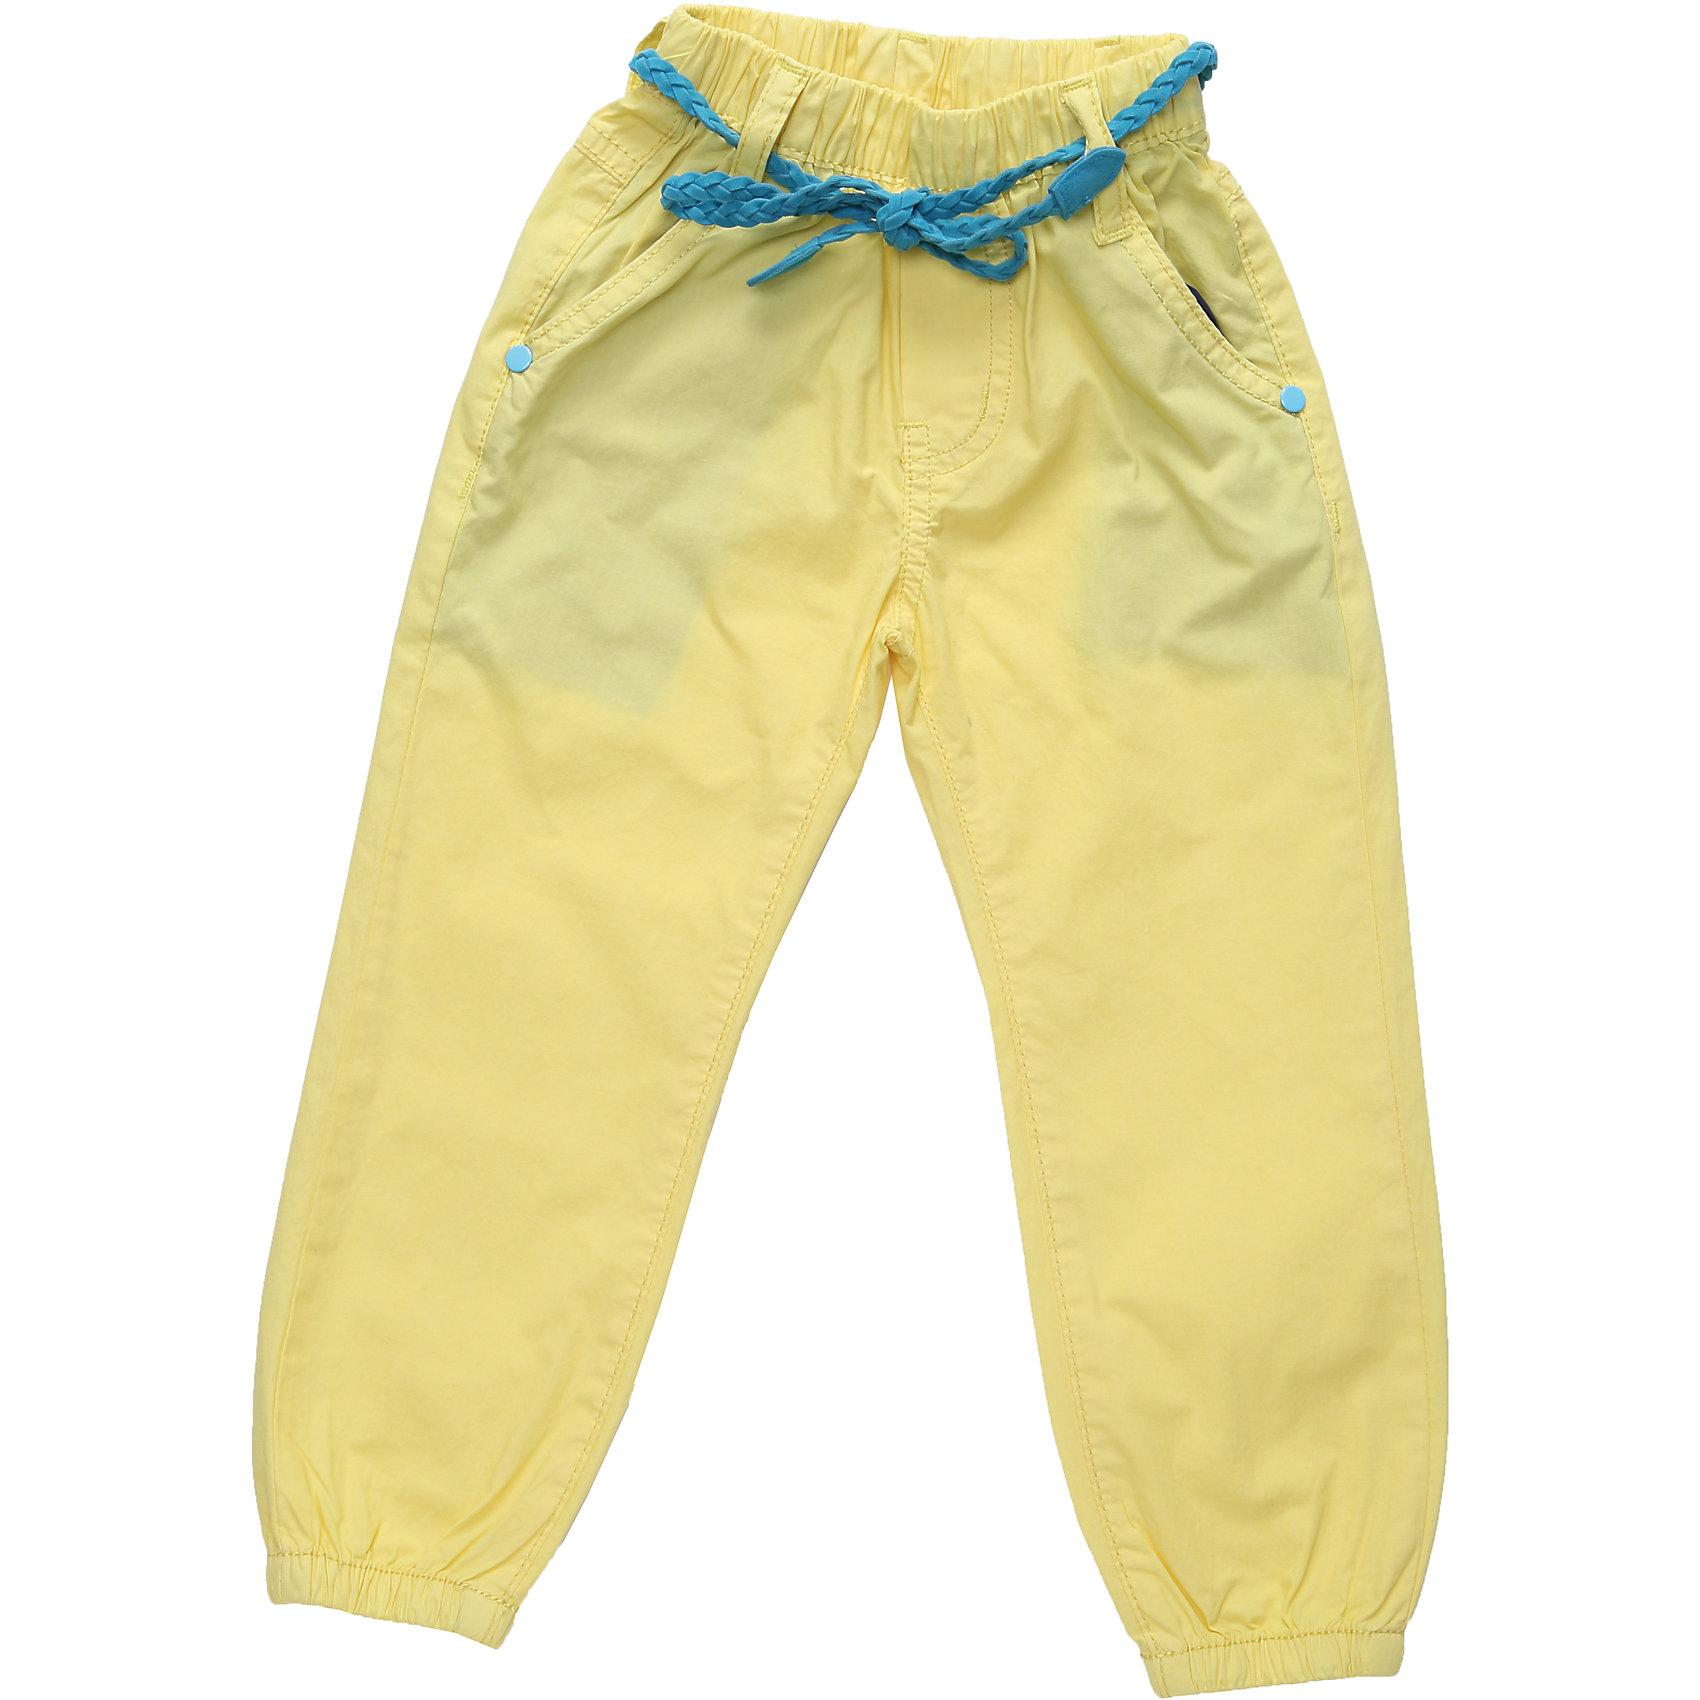 Брюки для девочки Sweet BerryДжинсы и брючки<br>Хлопковые брюки яркого цвета, с регулируемым шнурком на поясе. Брюки внизу декорированы резинкой.<br>Состав:<br>100% хлопок<br><br>Ширина мм: 215<br>Глубина мм: 88<br>Высота мм: 191<br>Вес г: 336<br>Цвет: желтый<br>Возраст от месяцев: 12<br>Возраст до месяцев: 15<br>Пол: Женский<br>Возраст: Детский<br>Размер: 80,92,98,86<br>SKU: 4018419